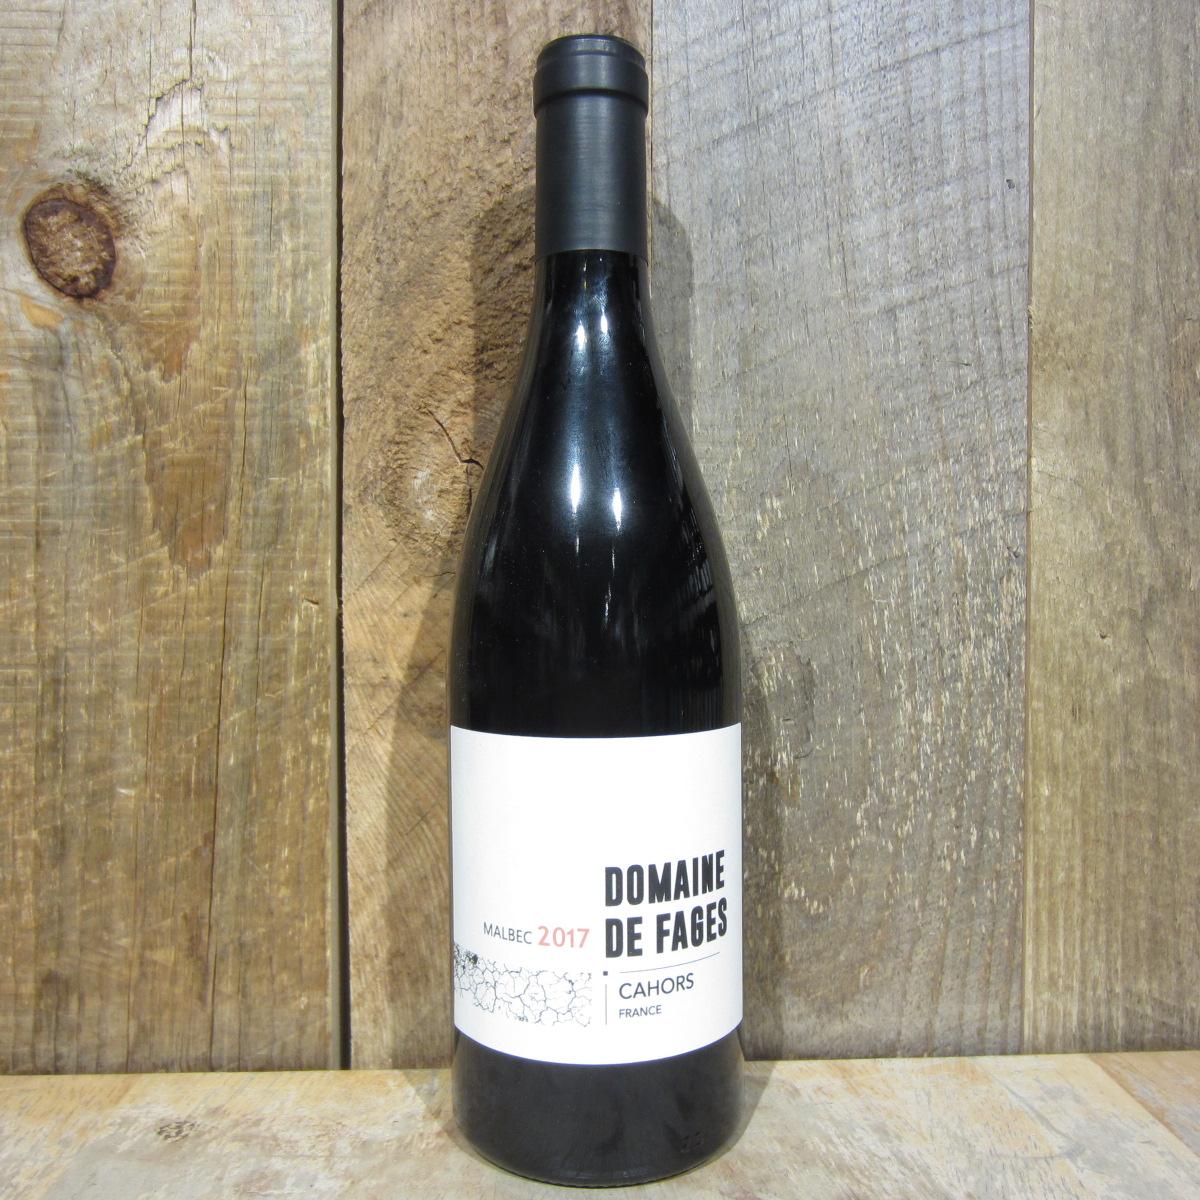 Domaine de Fages Cahors 2017 750ml